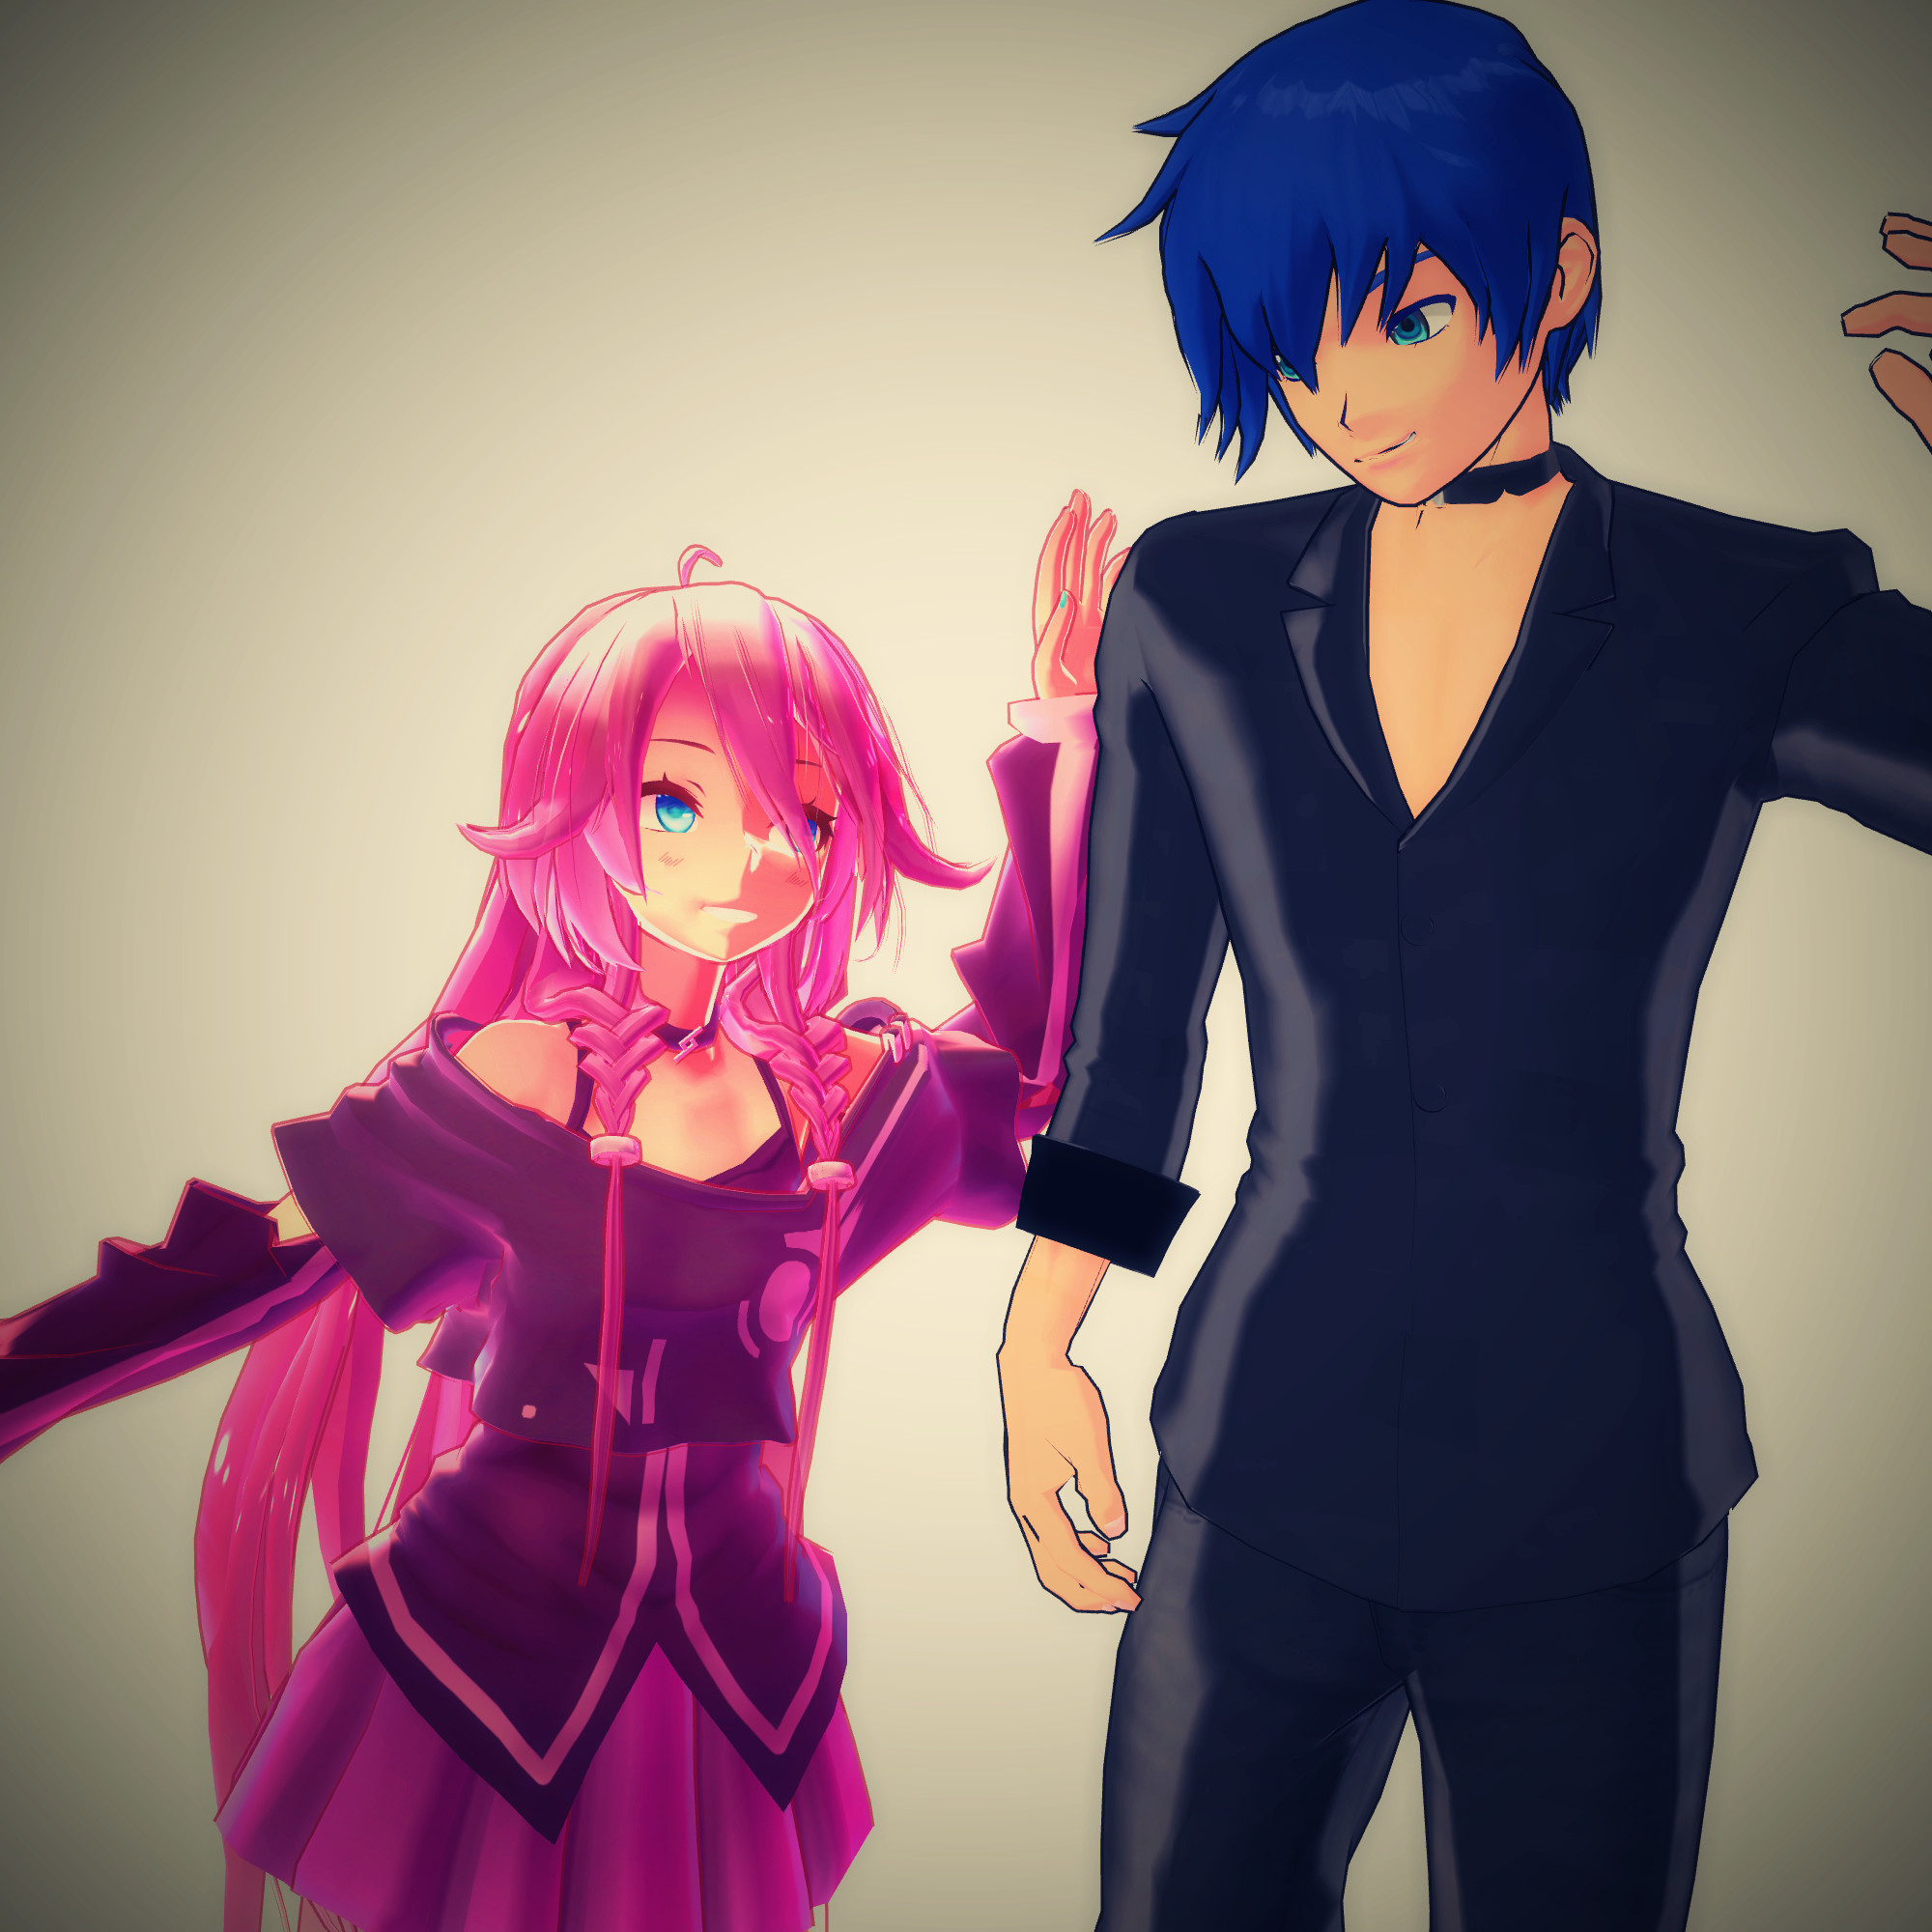 IA And Kaito By ShinigamiNote